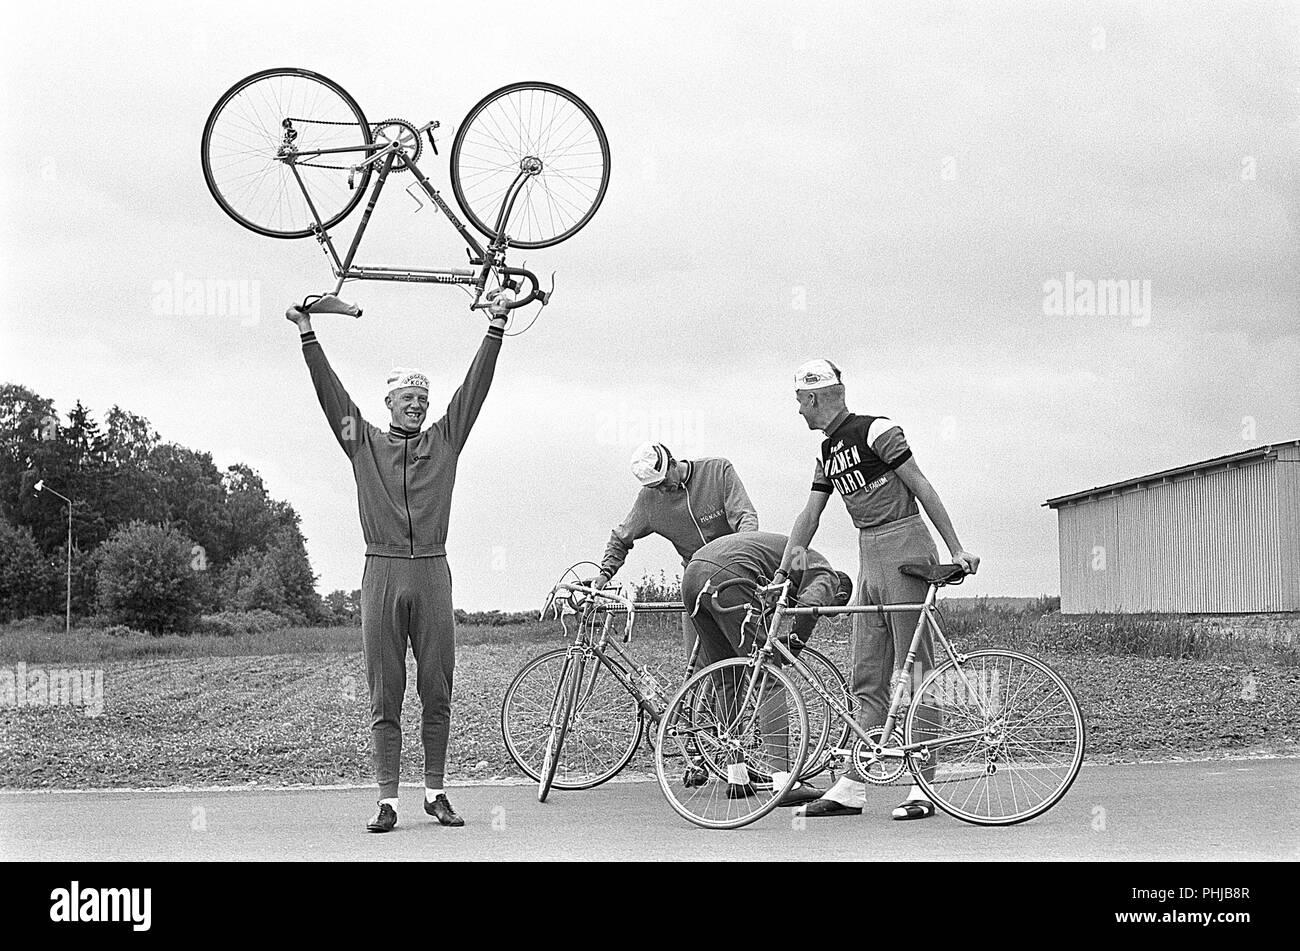 1960 Radfahrer. Die Fåglum Brüder wurden Schwedischen Radprofi Erik, Gösta, Sture und Tomas Pettersson. Die Brüder gewann das Team time trial Weltlaienhaften Rad WM zwischen 1967 - 1969 zusammen mit einer Silbermedaille bei den Olympischen Sommerspielen 1968. Sie waren die Svenska Dagbladet Goldmedaille ausgezeichnet. Schweden 1967 Stockbild